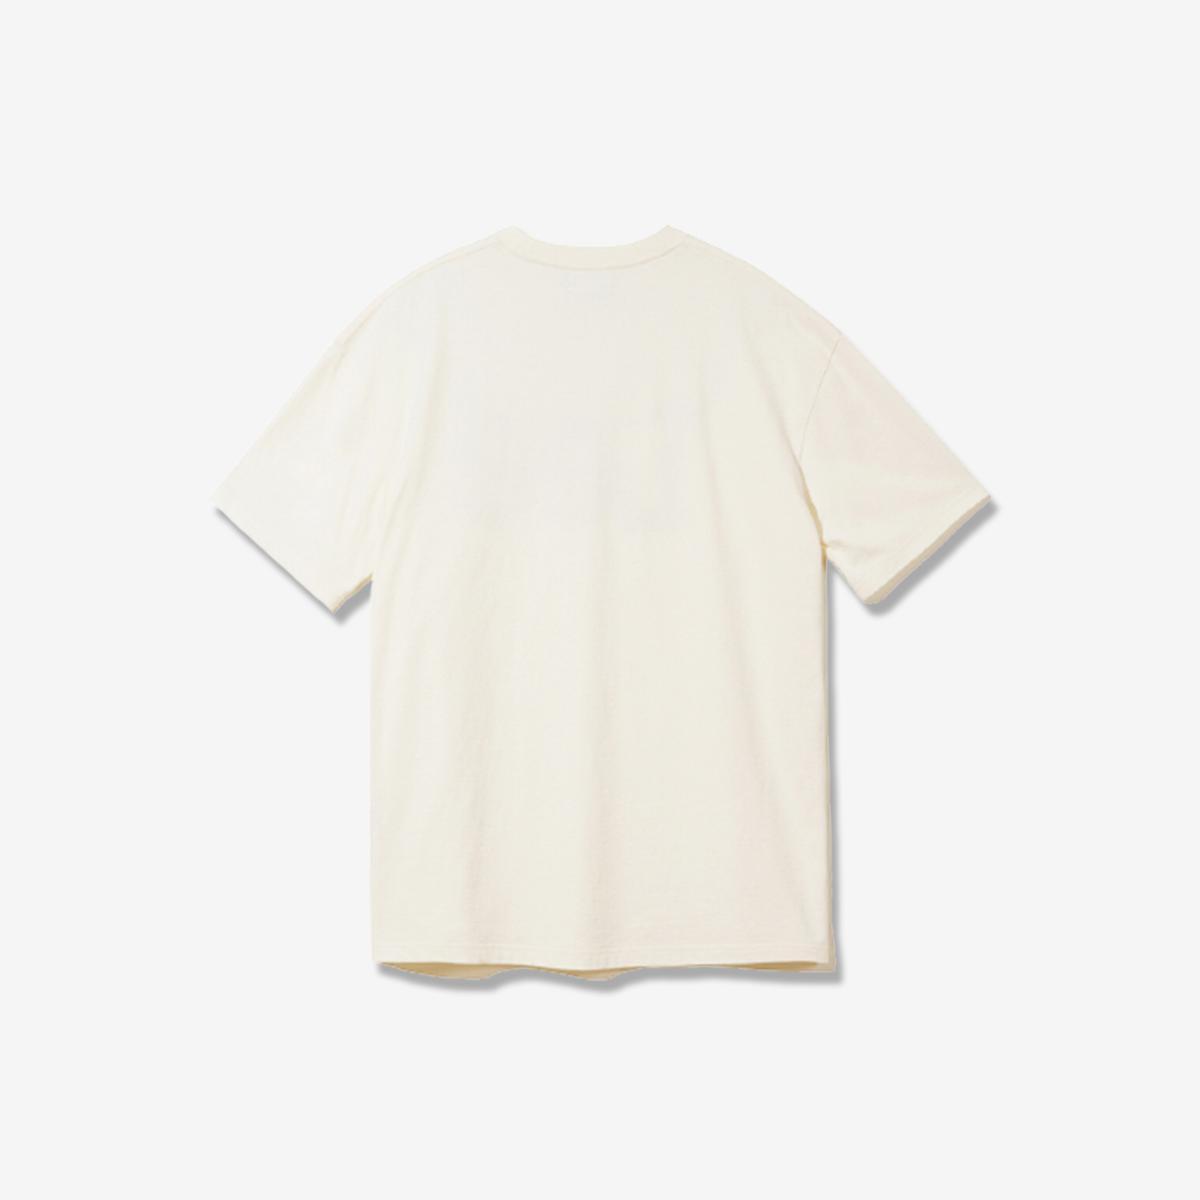 大標誌T恤(象牙白)